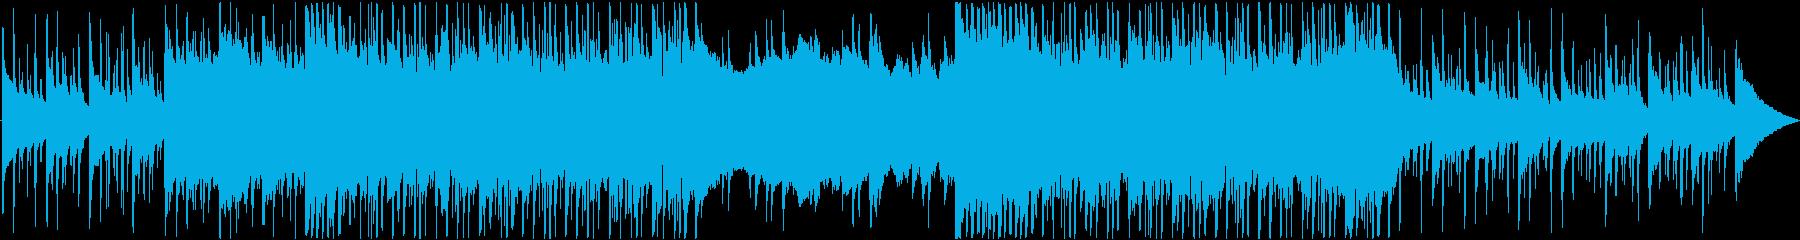 洋楽っぽさのあるクールなロックBGMの再生済みの波形